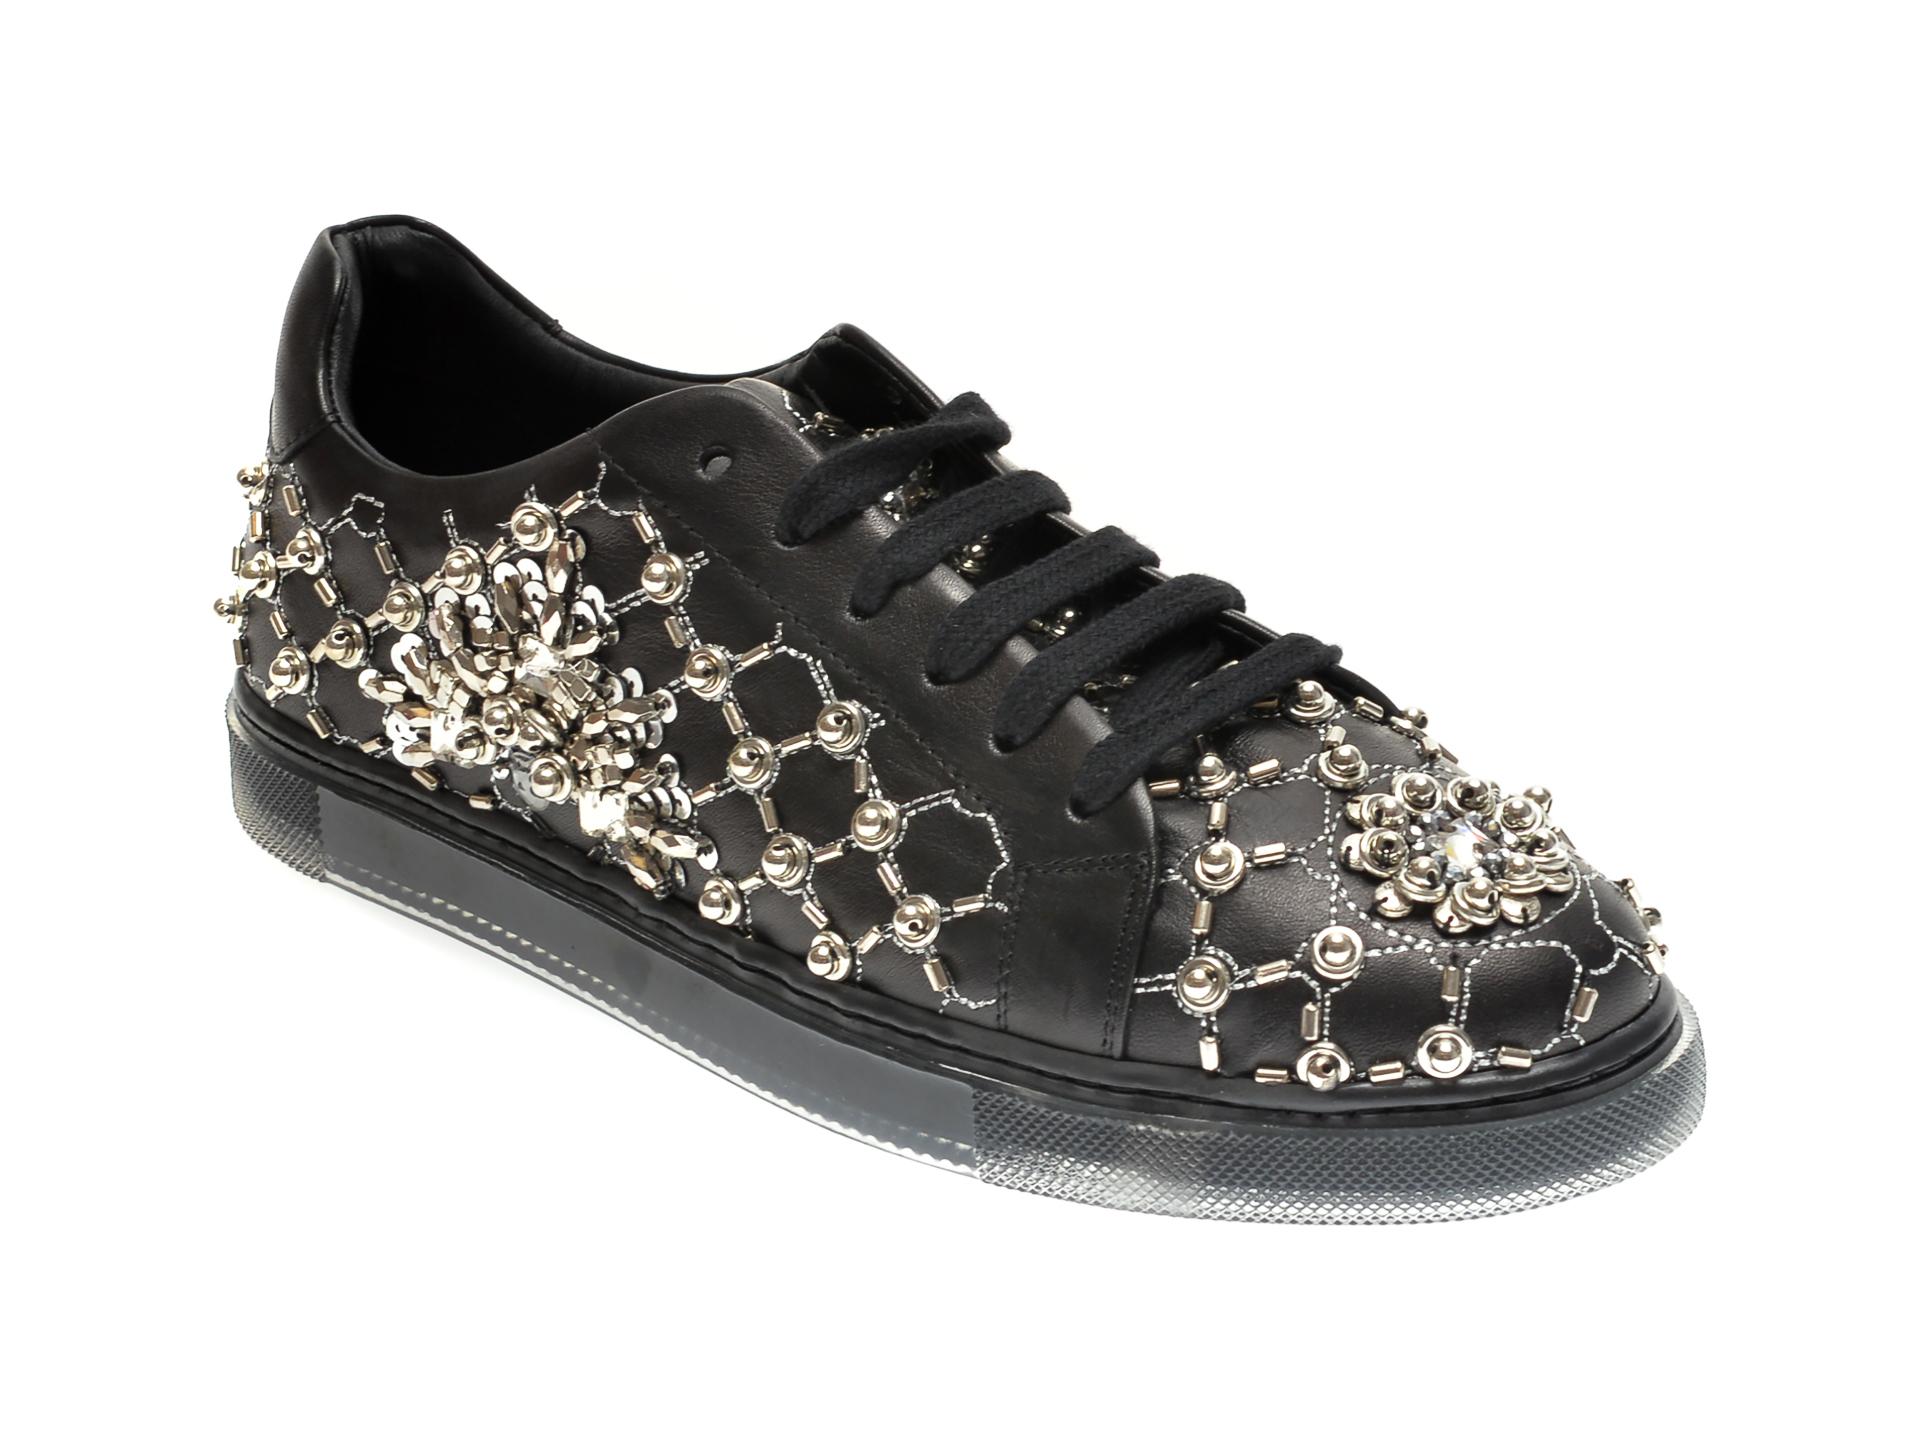 Pantofi EPICA negri, 202146A, din piele naturala imagine